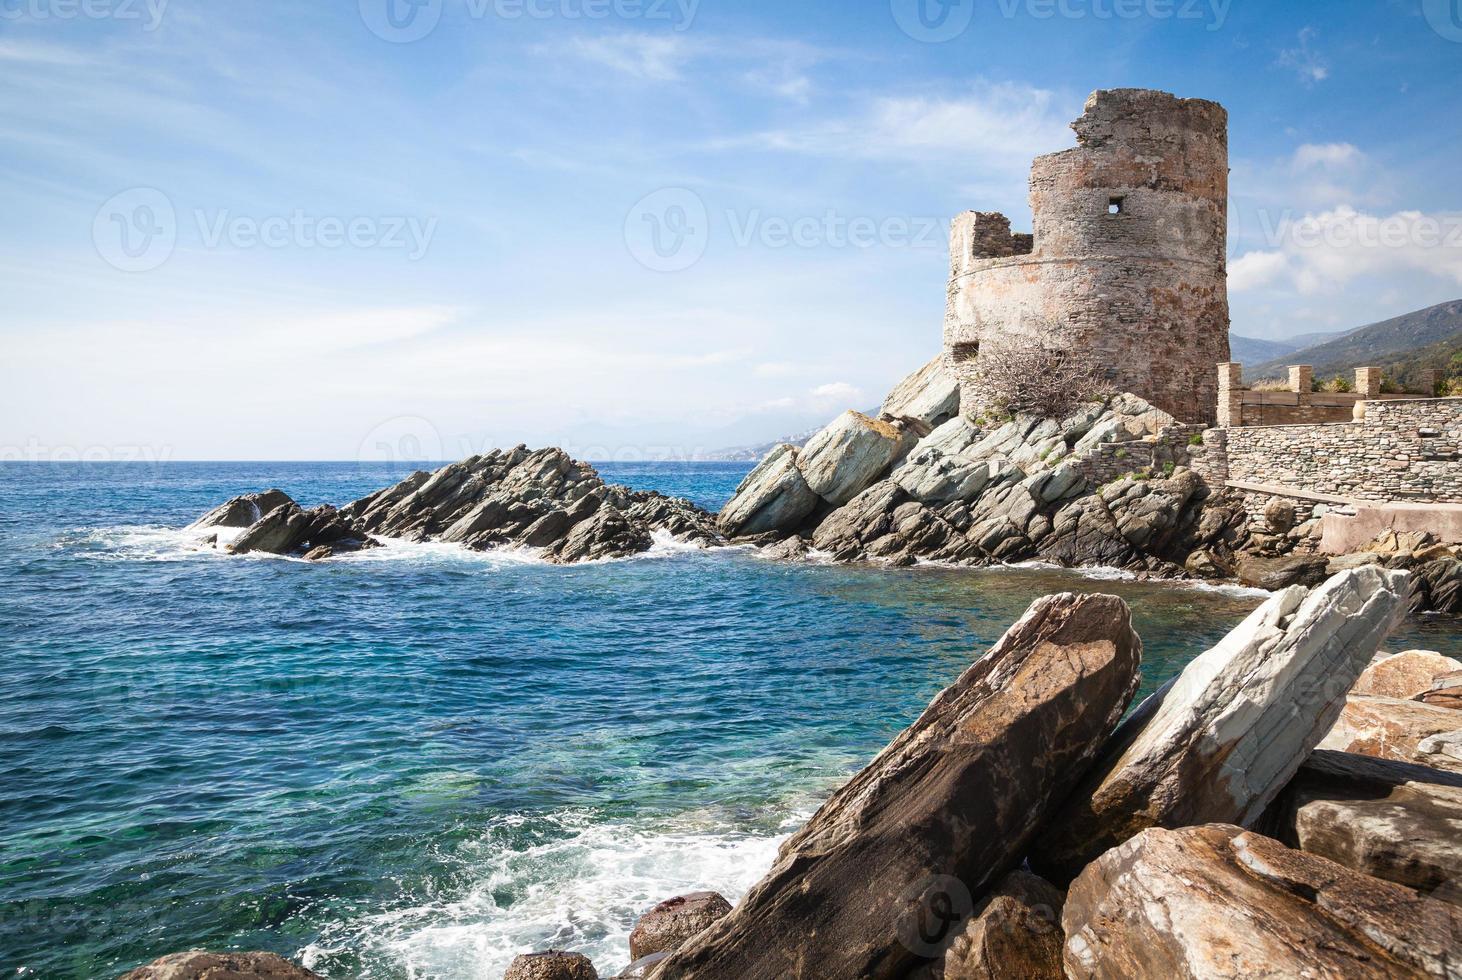 torre di avvistamento genovese in corsica foto